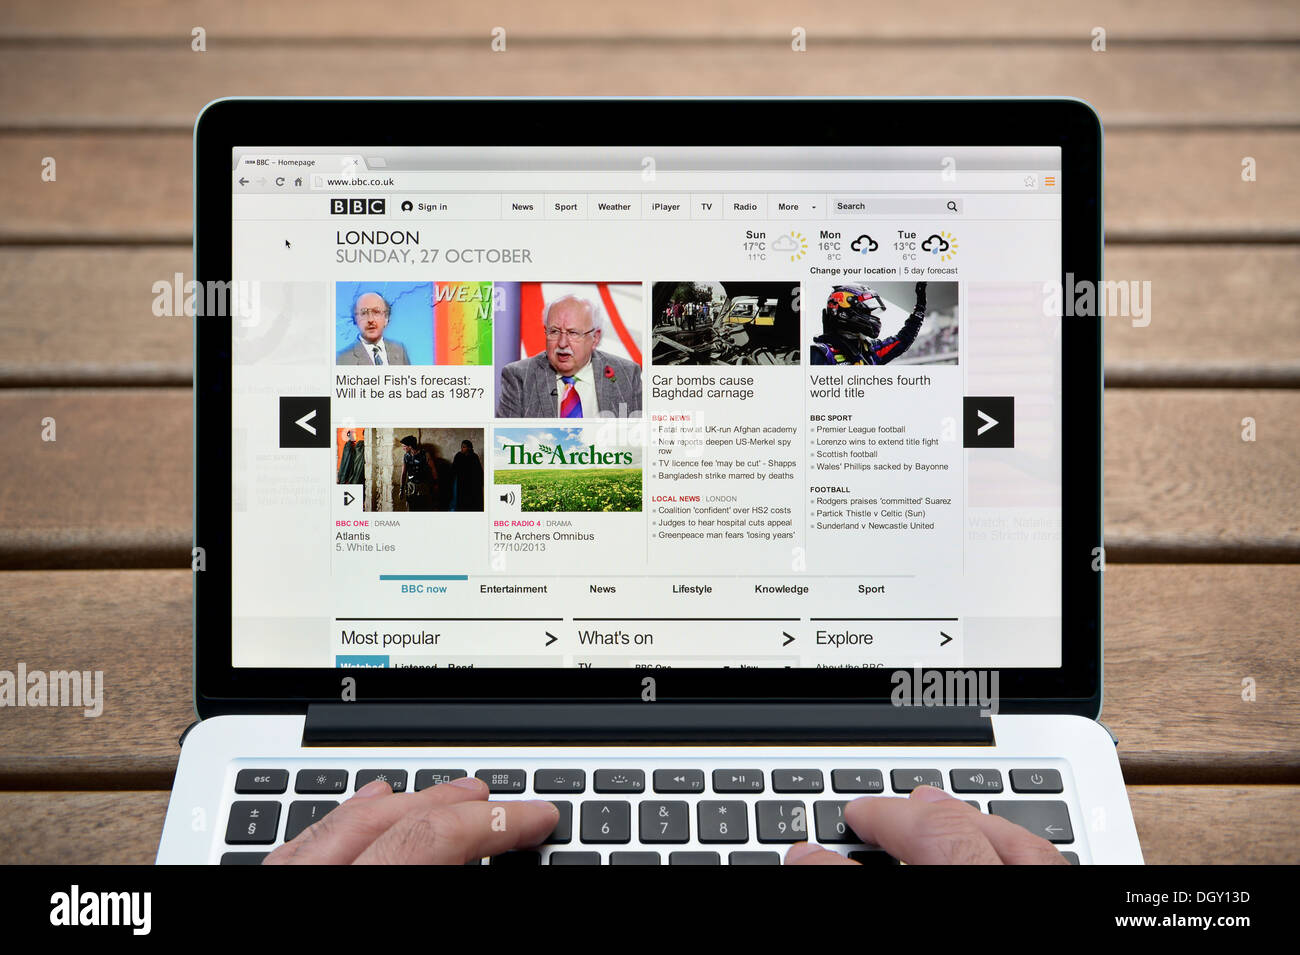 La BBC Online site sur un MacBook contre un banc en bois fond de plein air y compris les doigts d'un homme (usage éditorial uniquement). Photo Stock